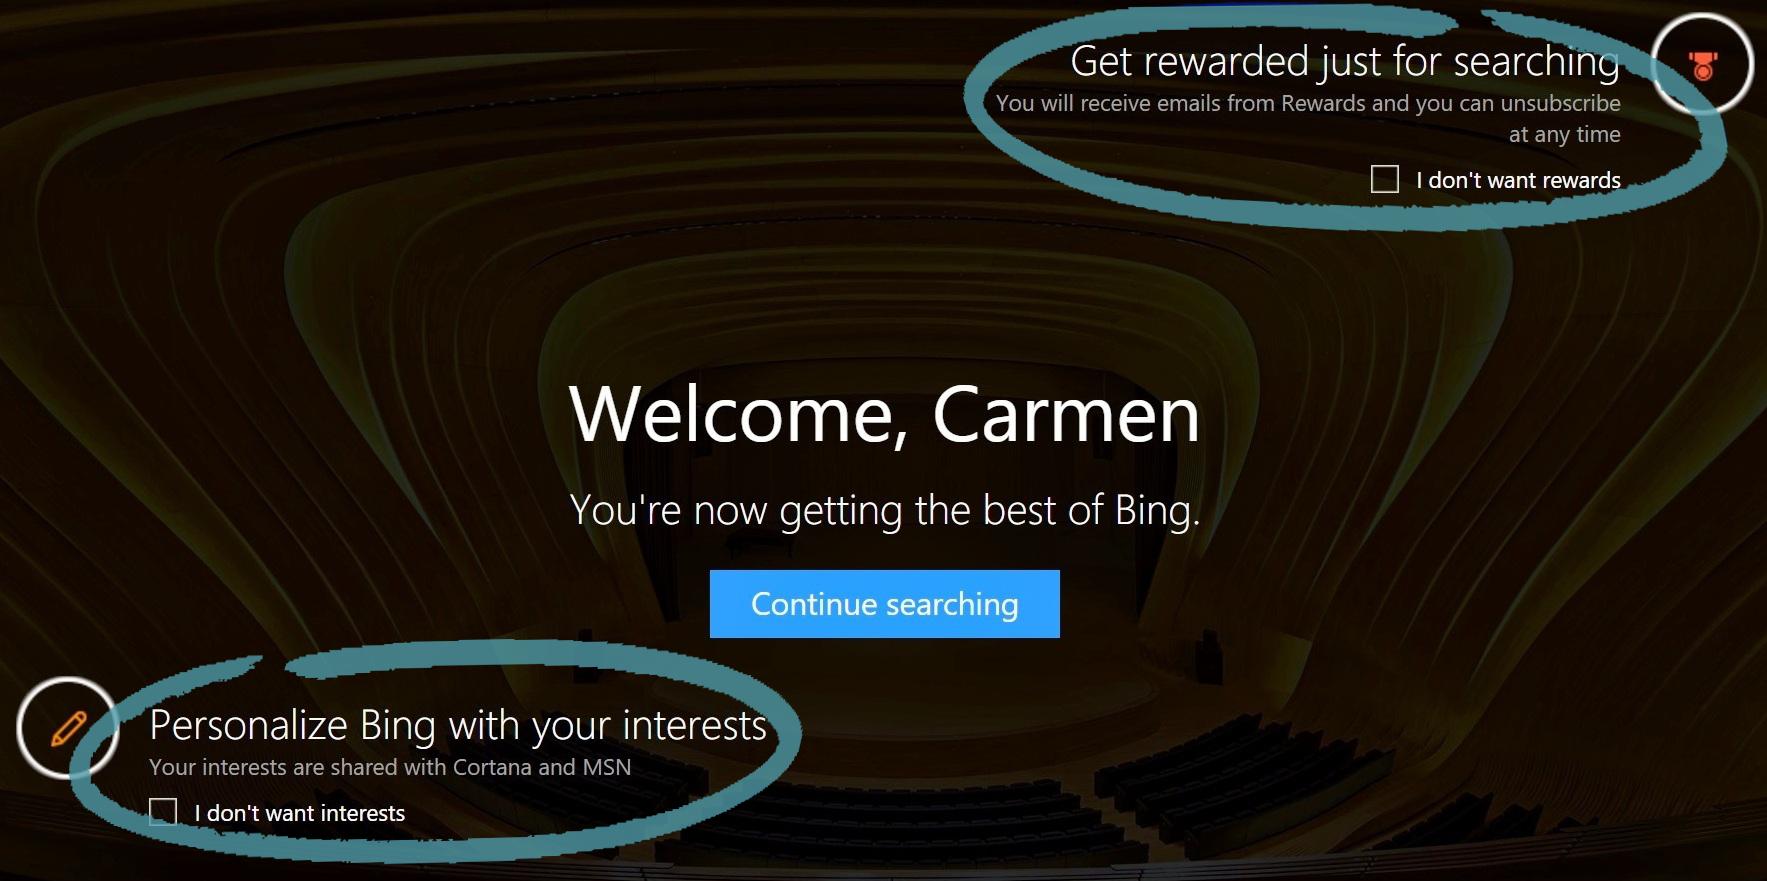 Pàgina principal del Bing per participar a premis i a interessos